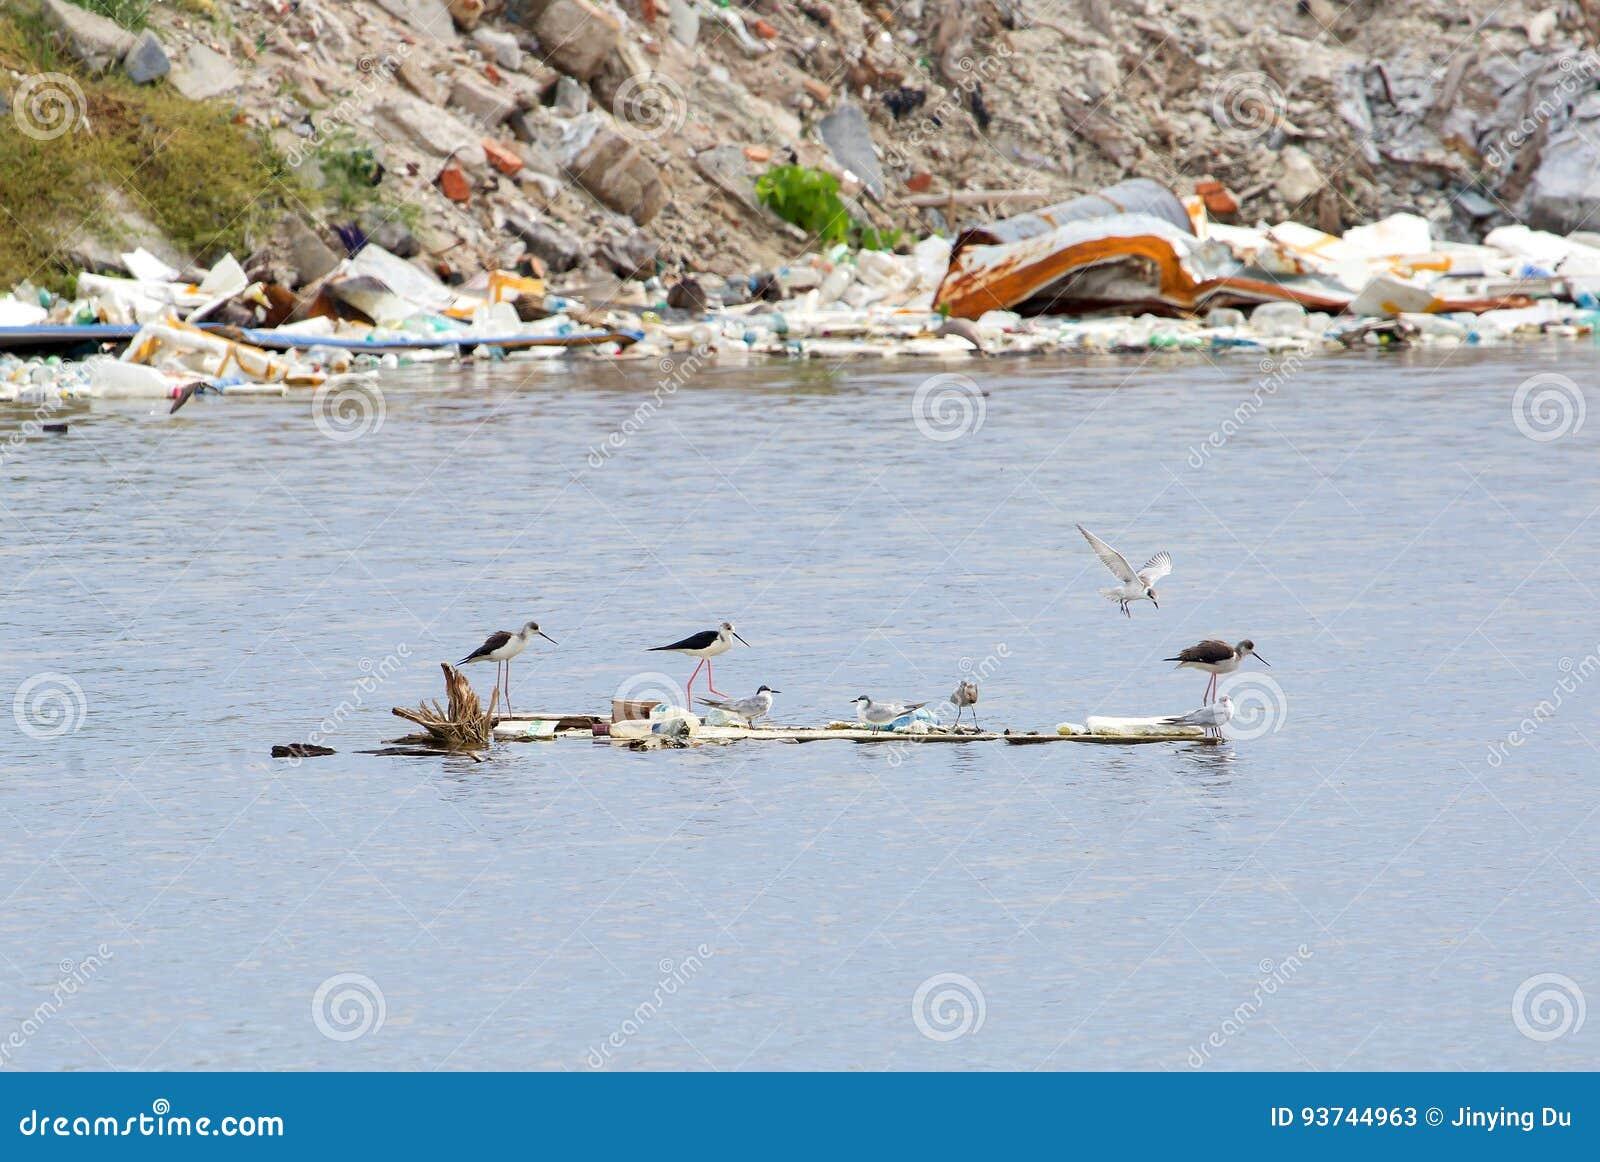 Verwonderlijk Overleefde Vogels Die Voedsel Na Tyfoon Zoeken Stock Afbeelding MH-03